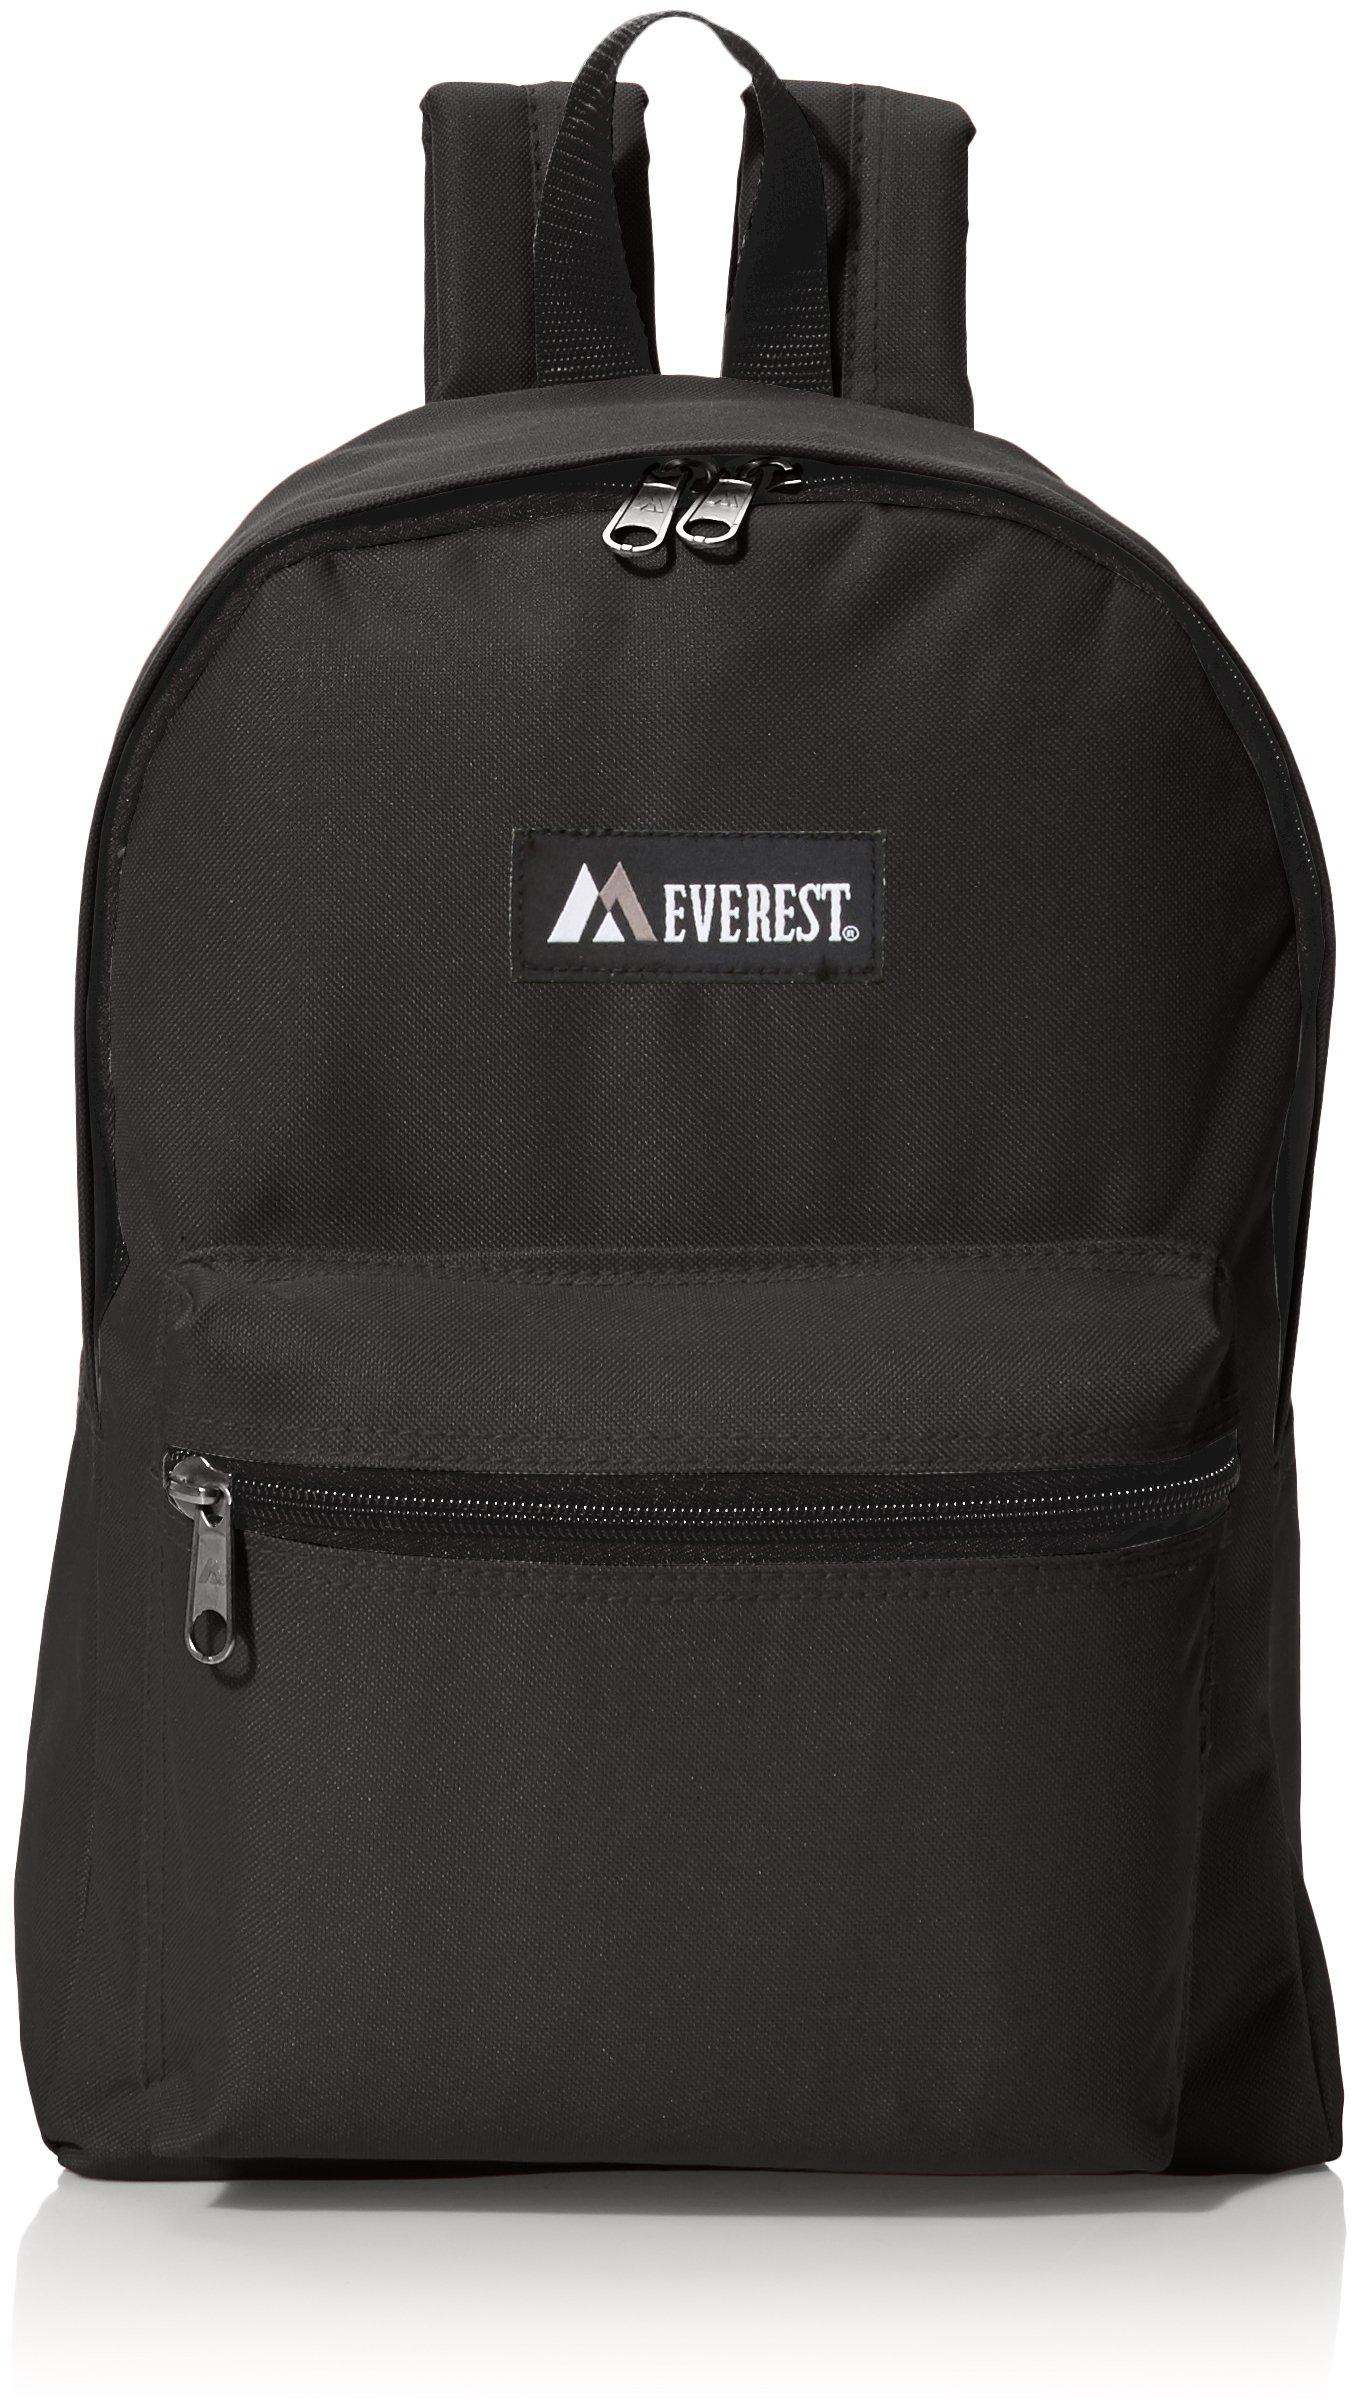 Everest Luggage Basic Backpack, Black, Medium by Everest